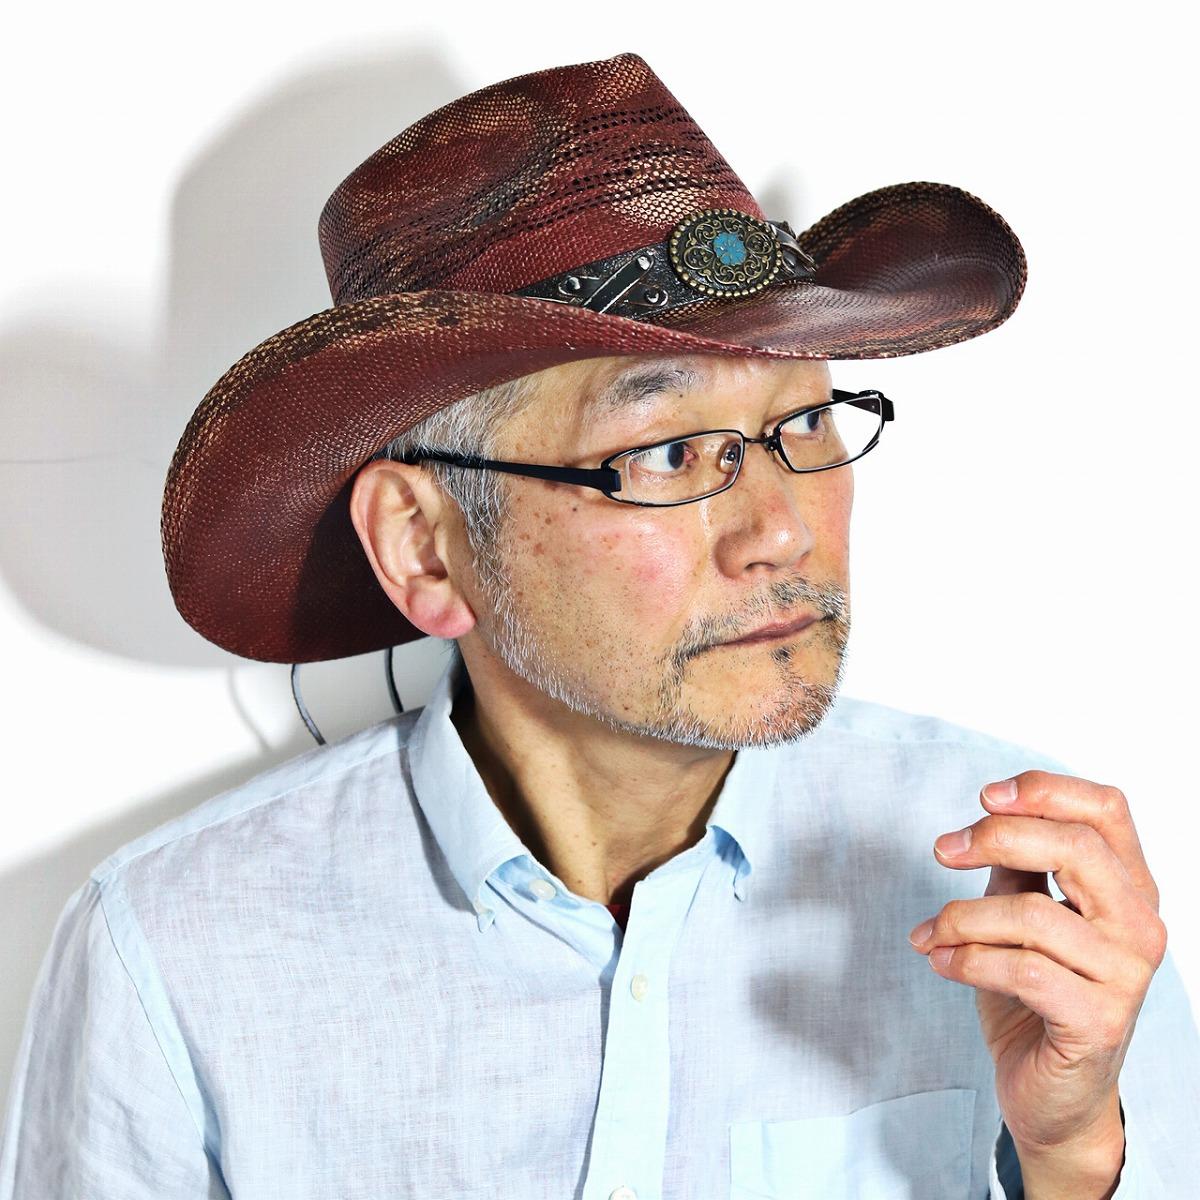 カウボーイハット バーガンディ California Hat Company Inc. ストローハット メンズ バックルベルト ウエスタン 純正バンゴラ草 帽子 春夏 日除け カリフォルニアハット 赤 茶 麦わら帽子 ワイドブリム インポート バーガンディステイン [ cowboy hat ] [ straw hat ]